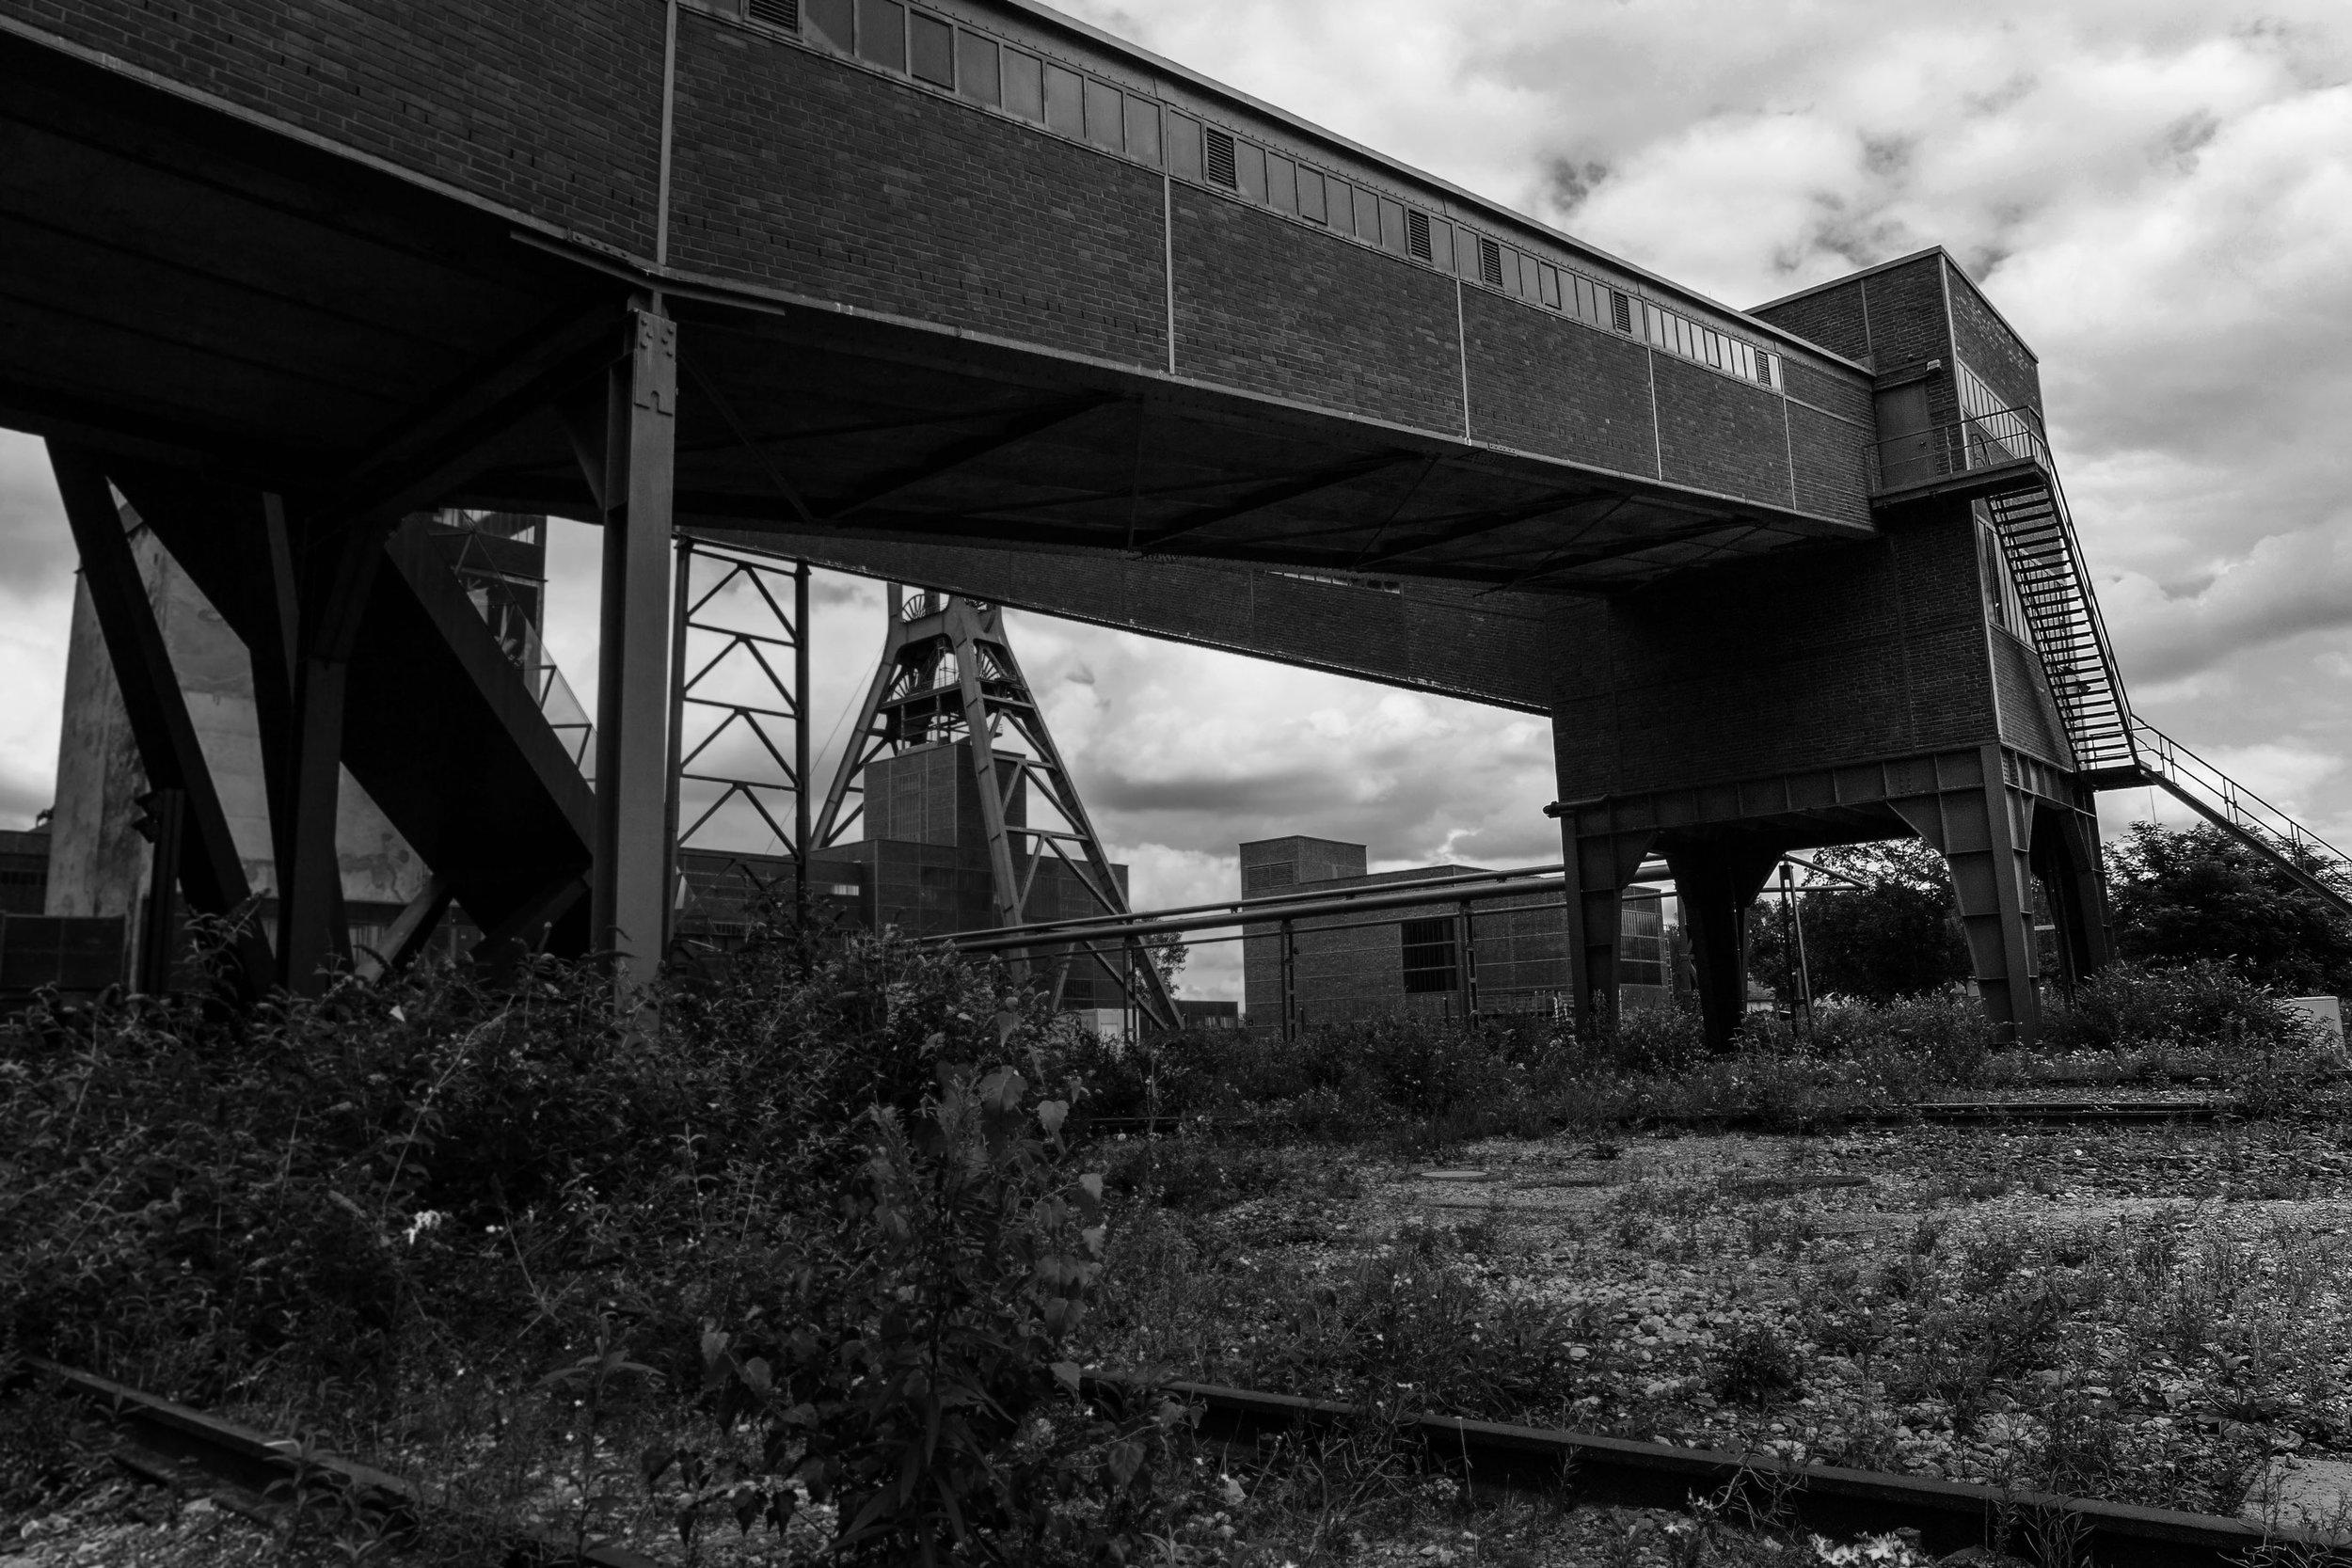 Zollverein_bw_02.jpg